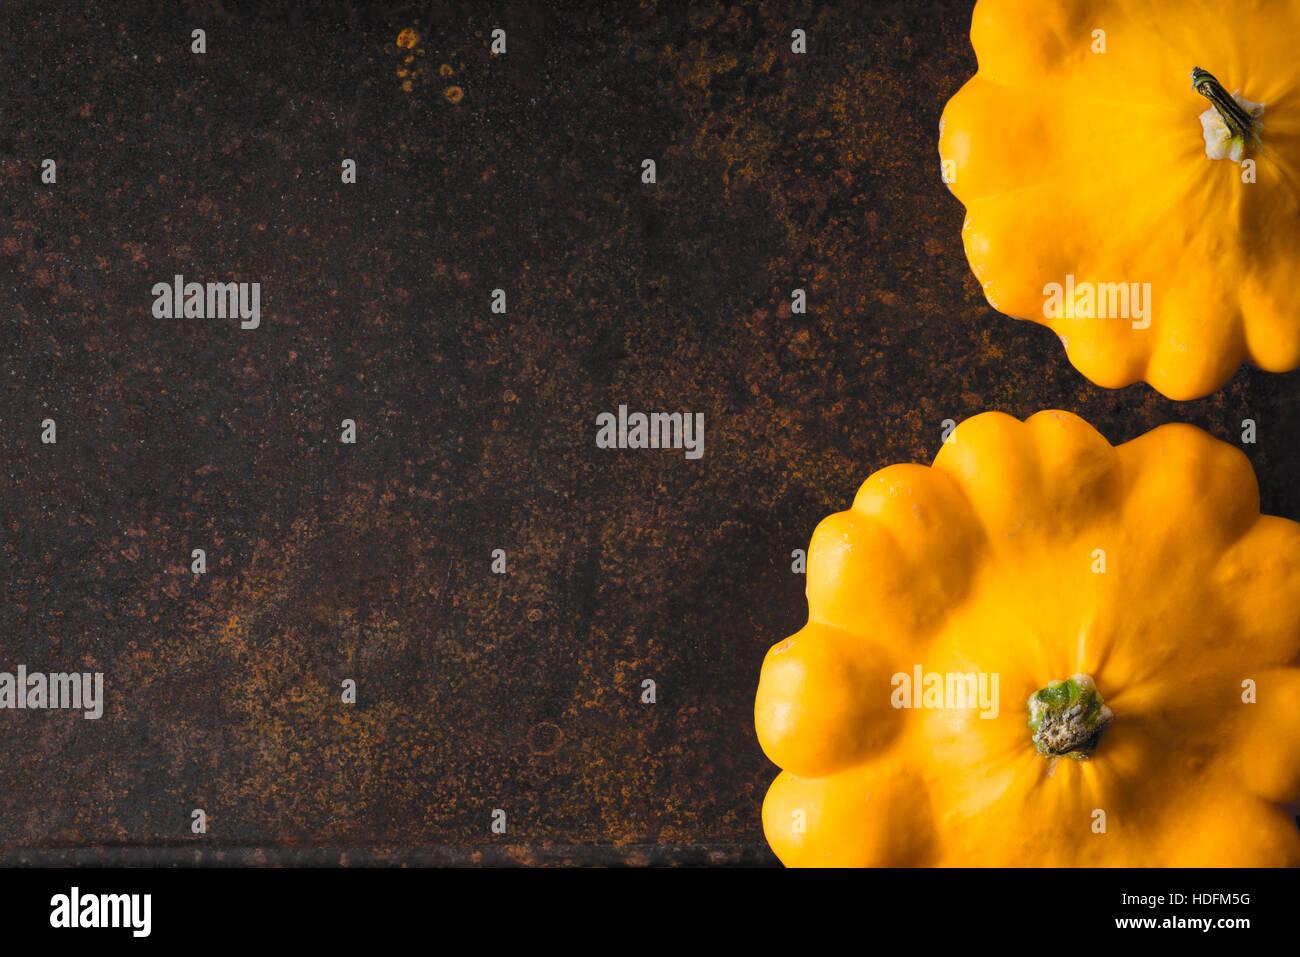 Squash pattypan fresco de color amarillo en la parte derecha del metal oxidado horizontal de fondo Imagen De Stock